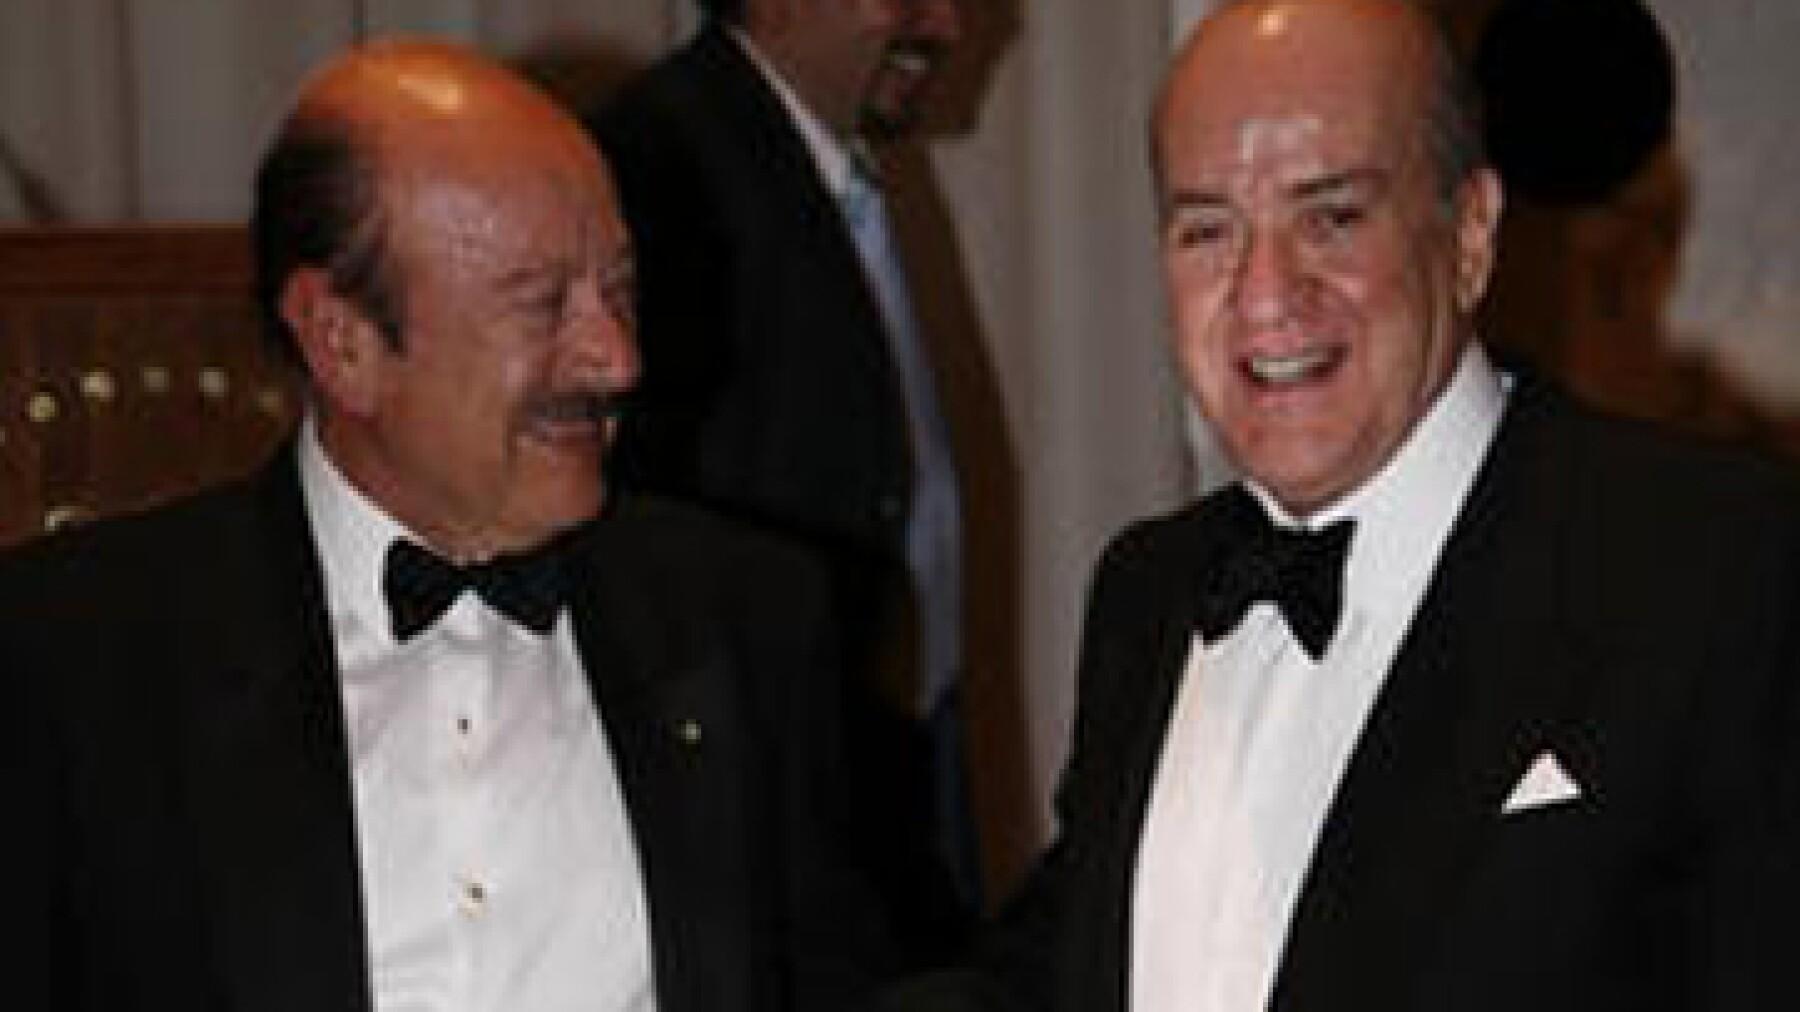 Antonio Madero (der.), propietario de SANLUIS Rassini, firma 196 del ranking Las 500 empresas más importantes de México' de la revista Expansión. (Foto: Marco Vallejo/Revista Quién)